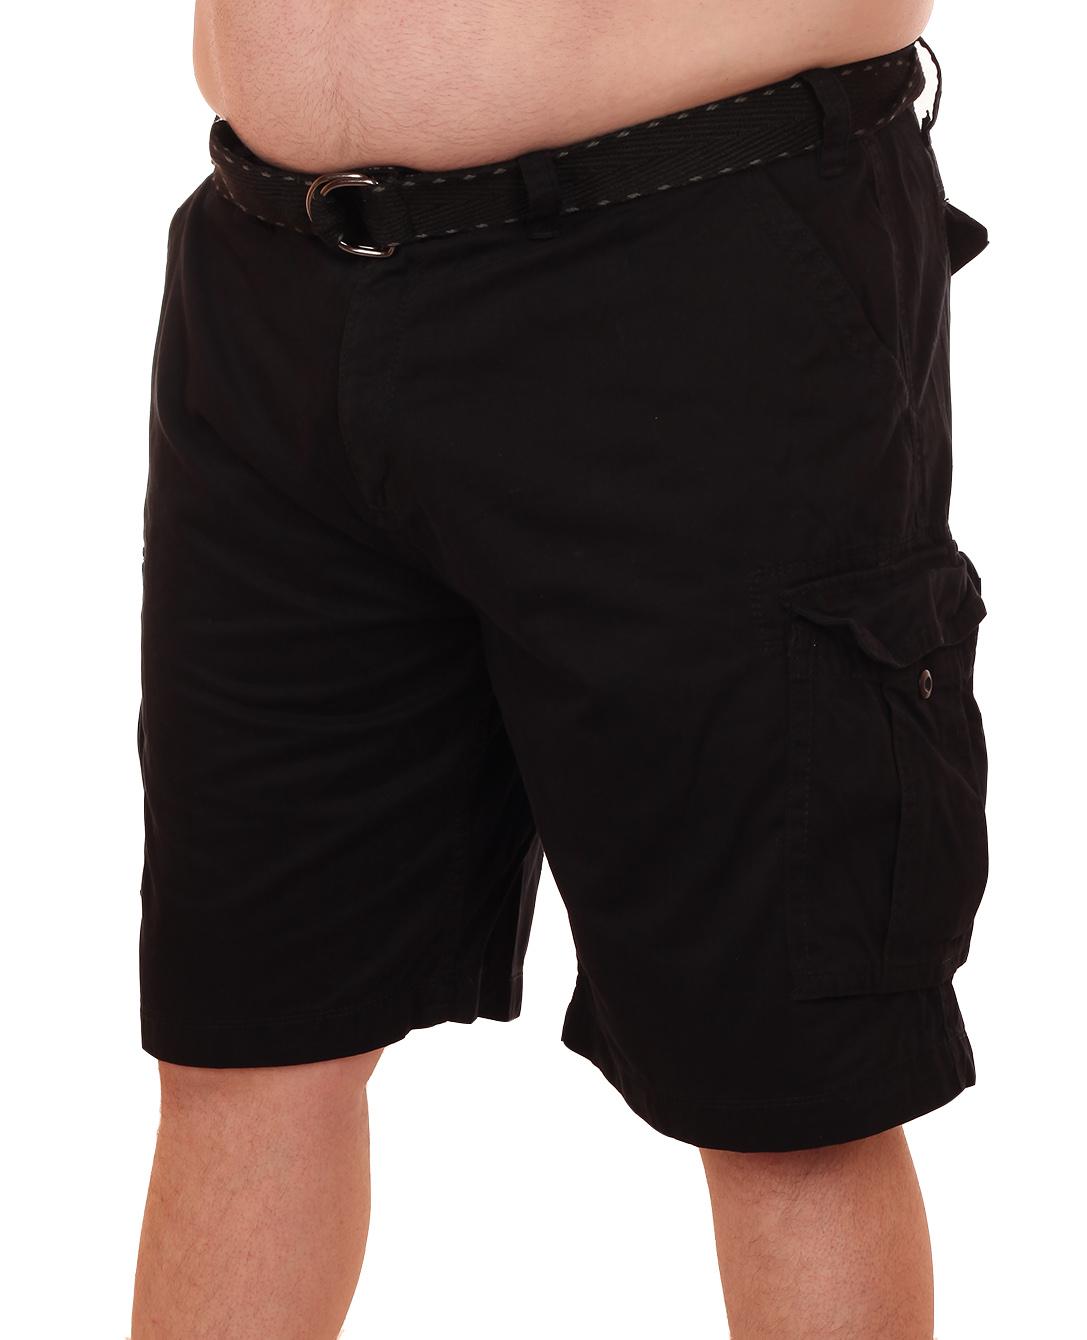 Джинсовые шорты большого размера - купить в интернет-магазине